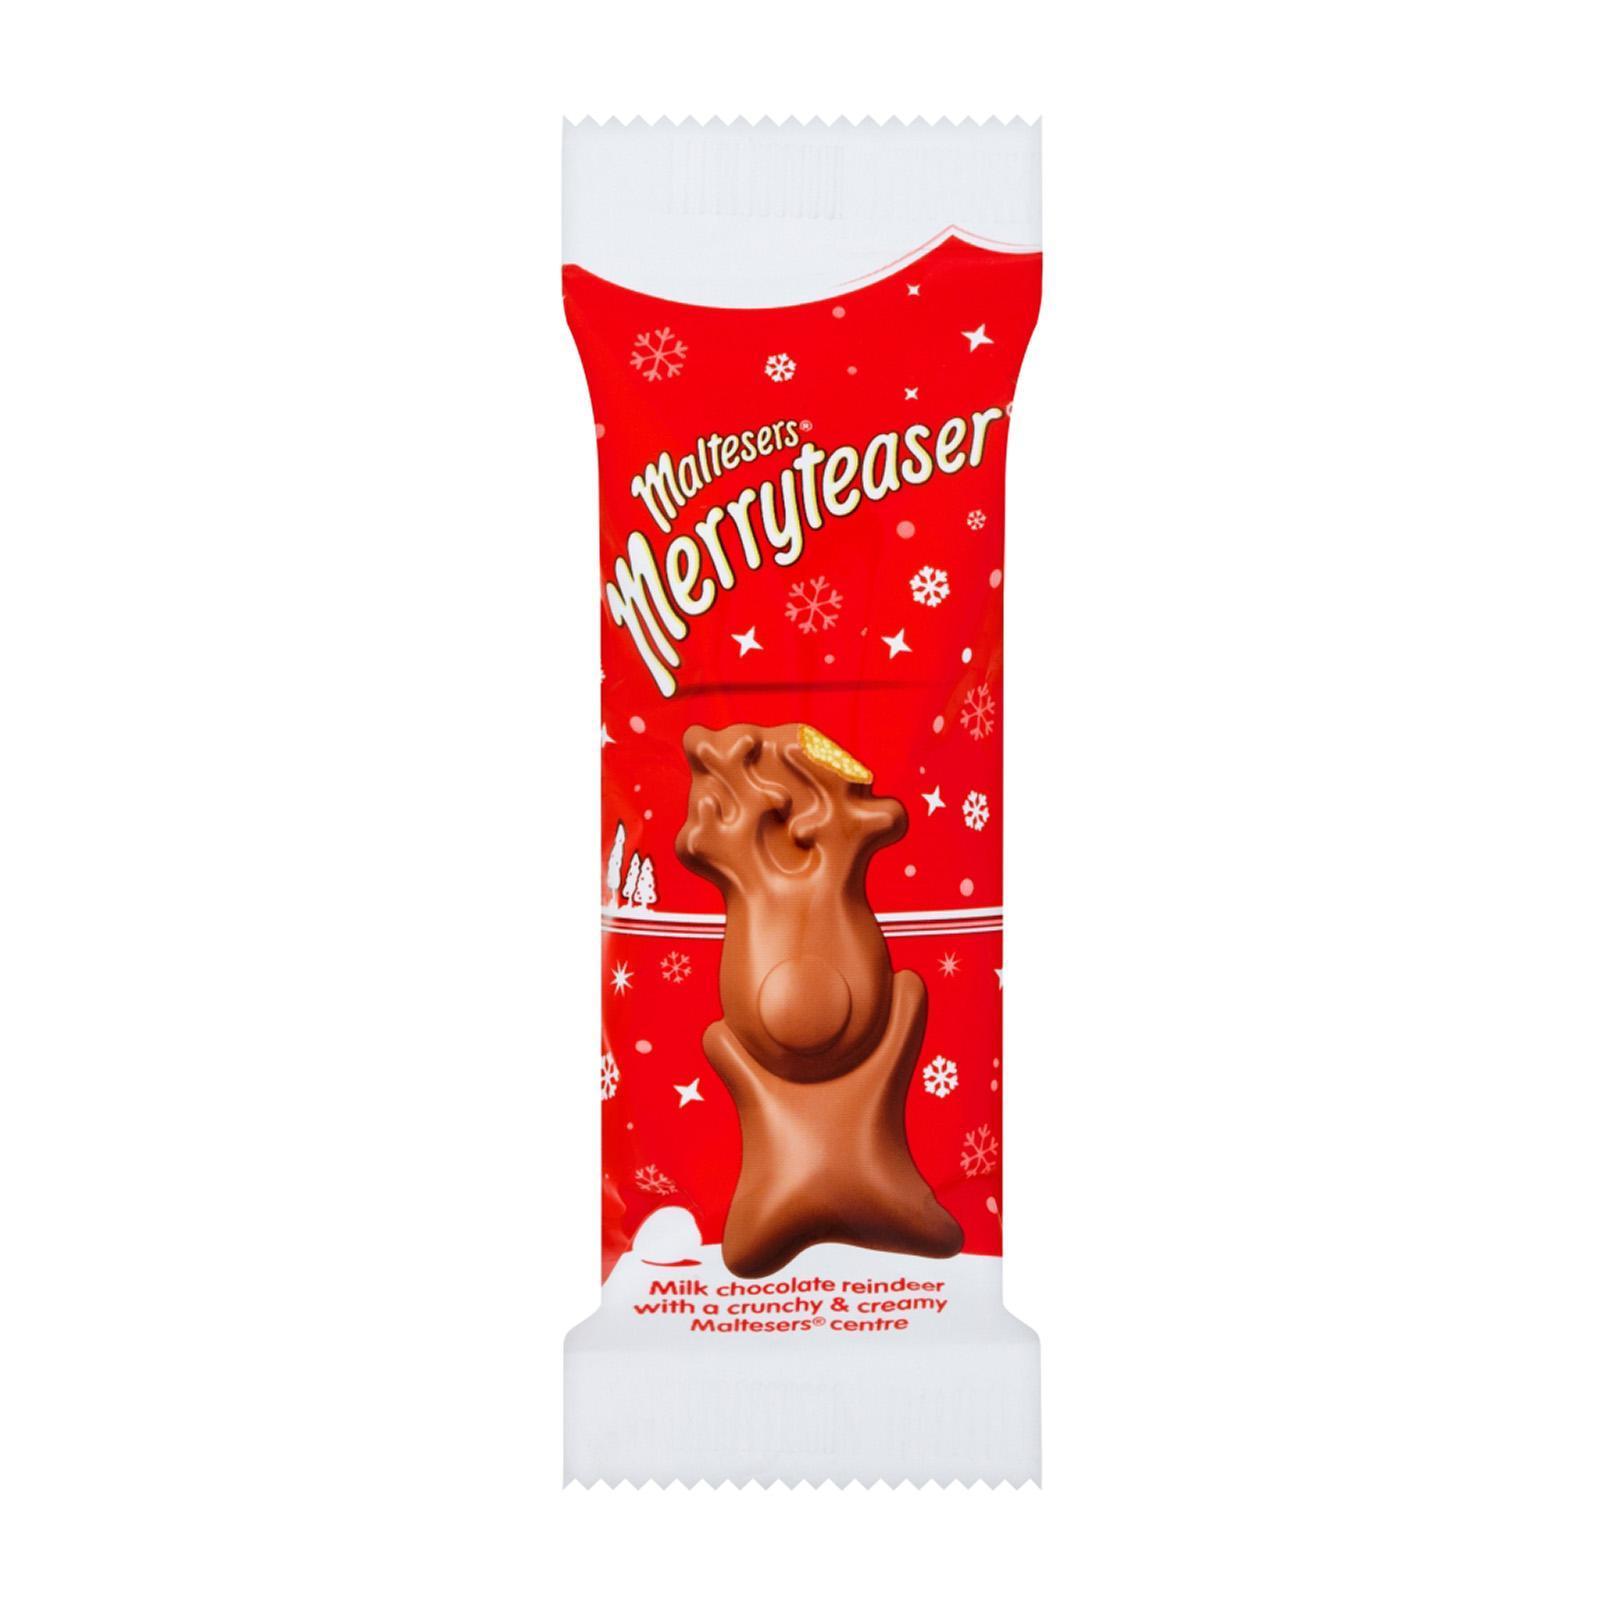 Maltesers Merryteaser Milk Chocolate Reindeer - Christmas Special